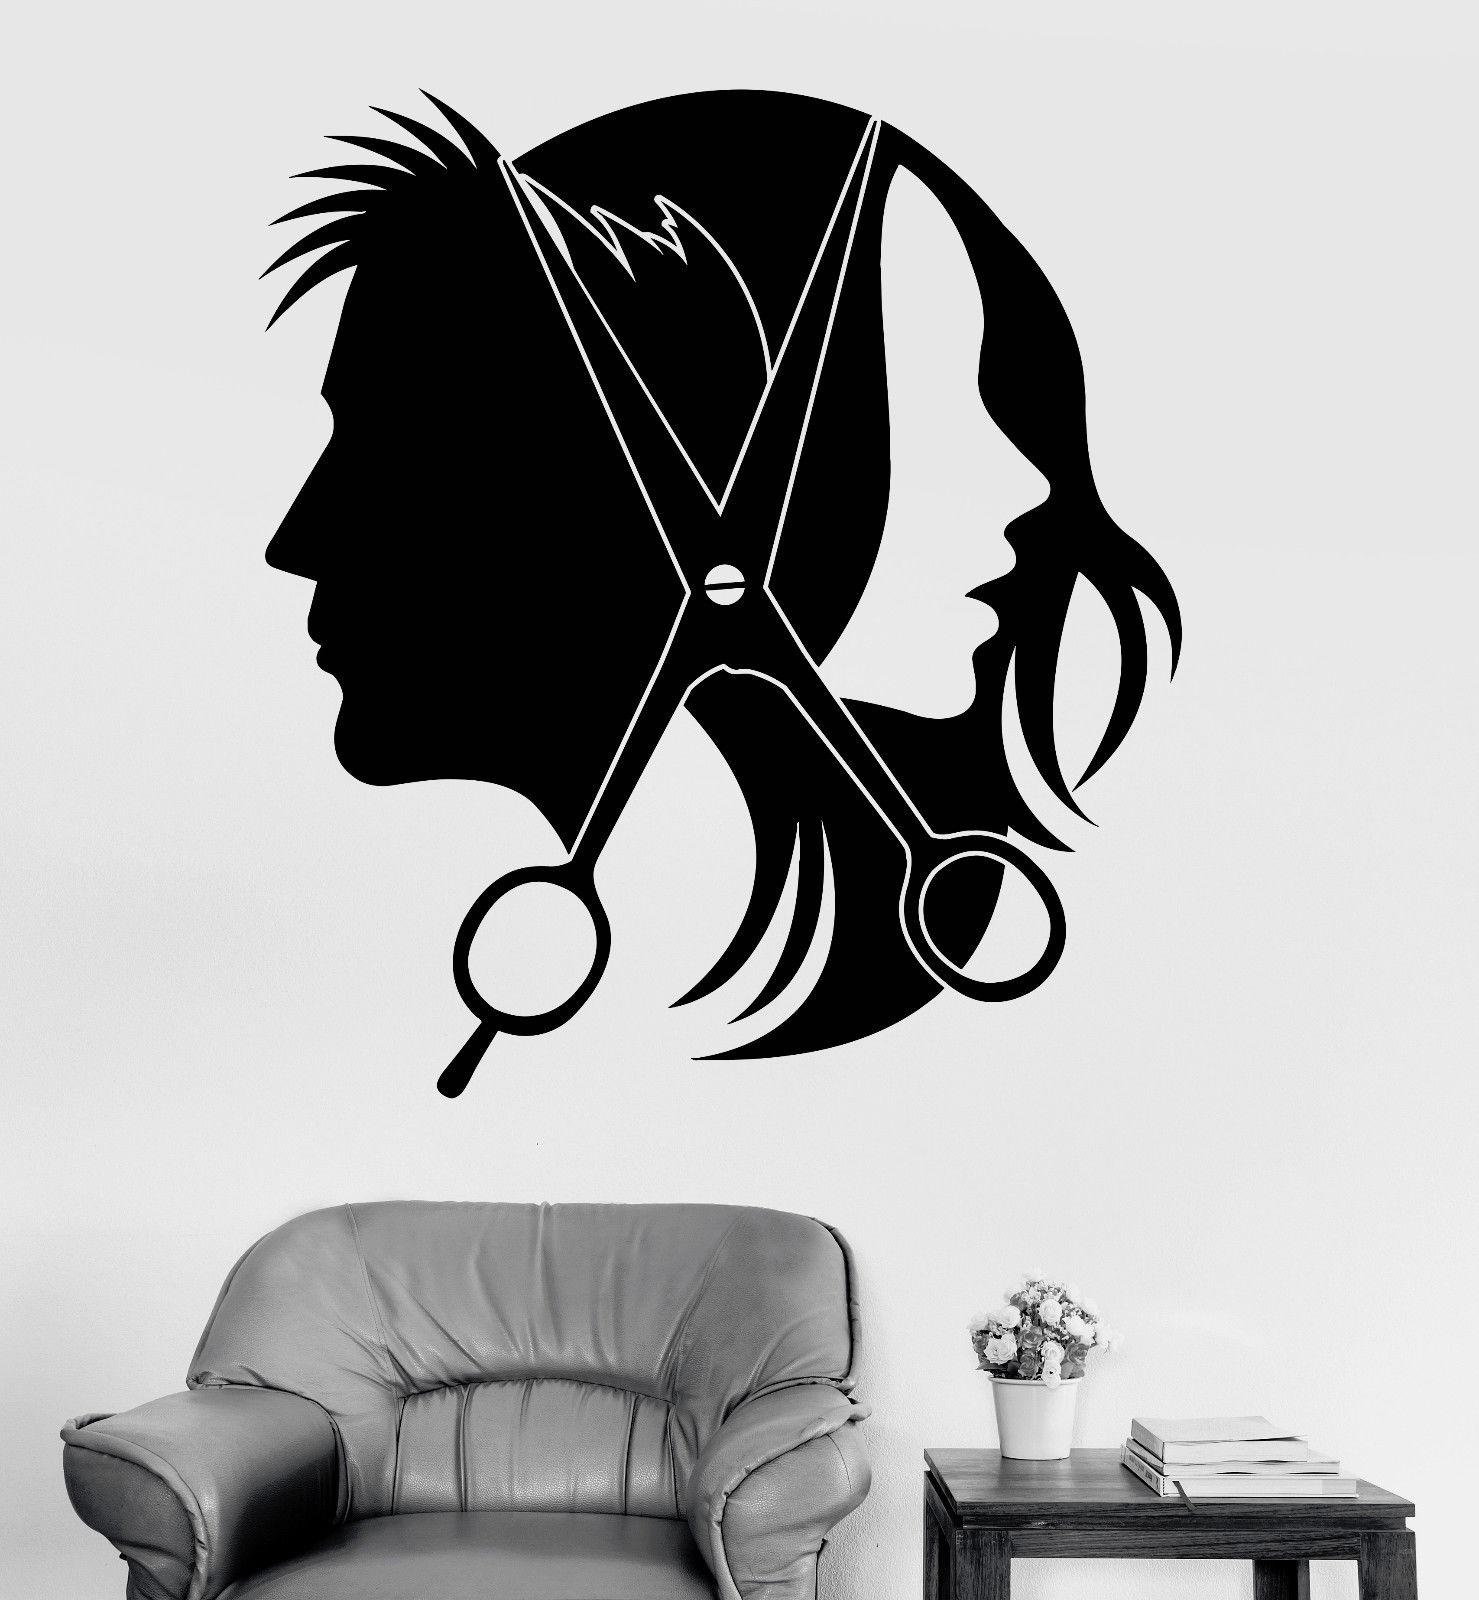 расскажет рисунки для объявления парикмахерской аланом бутиках женской